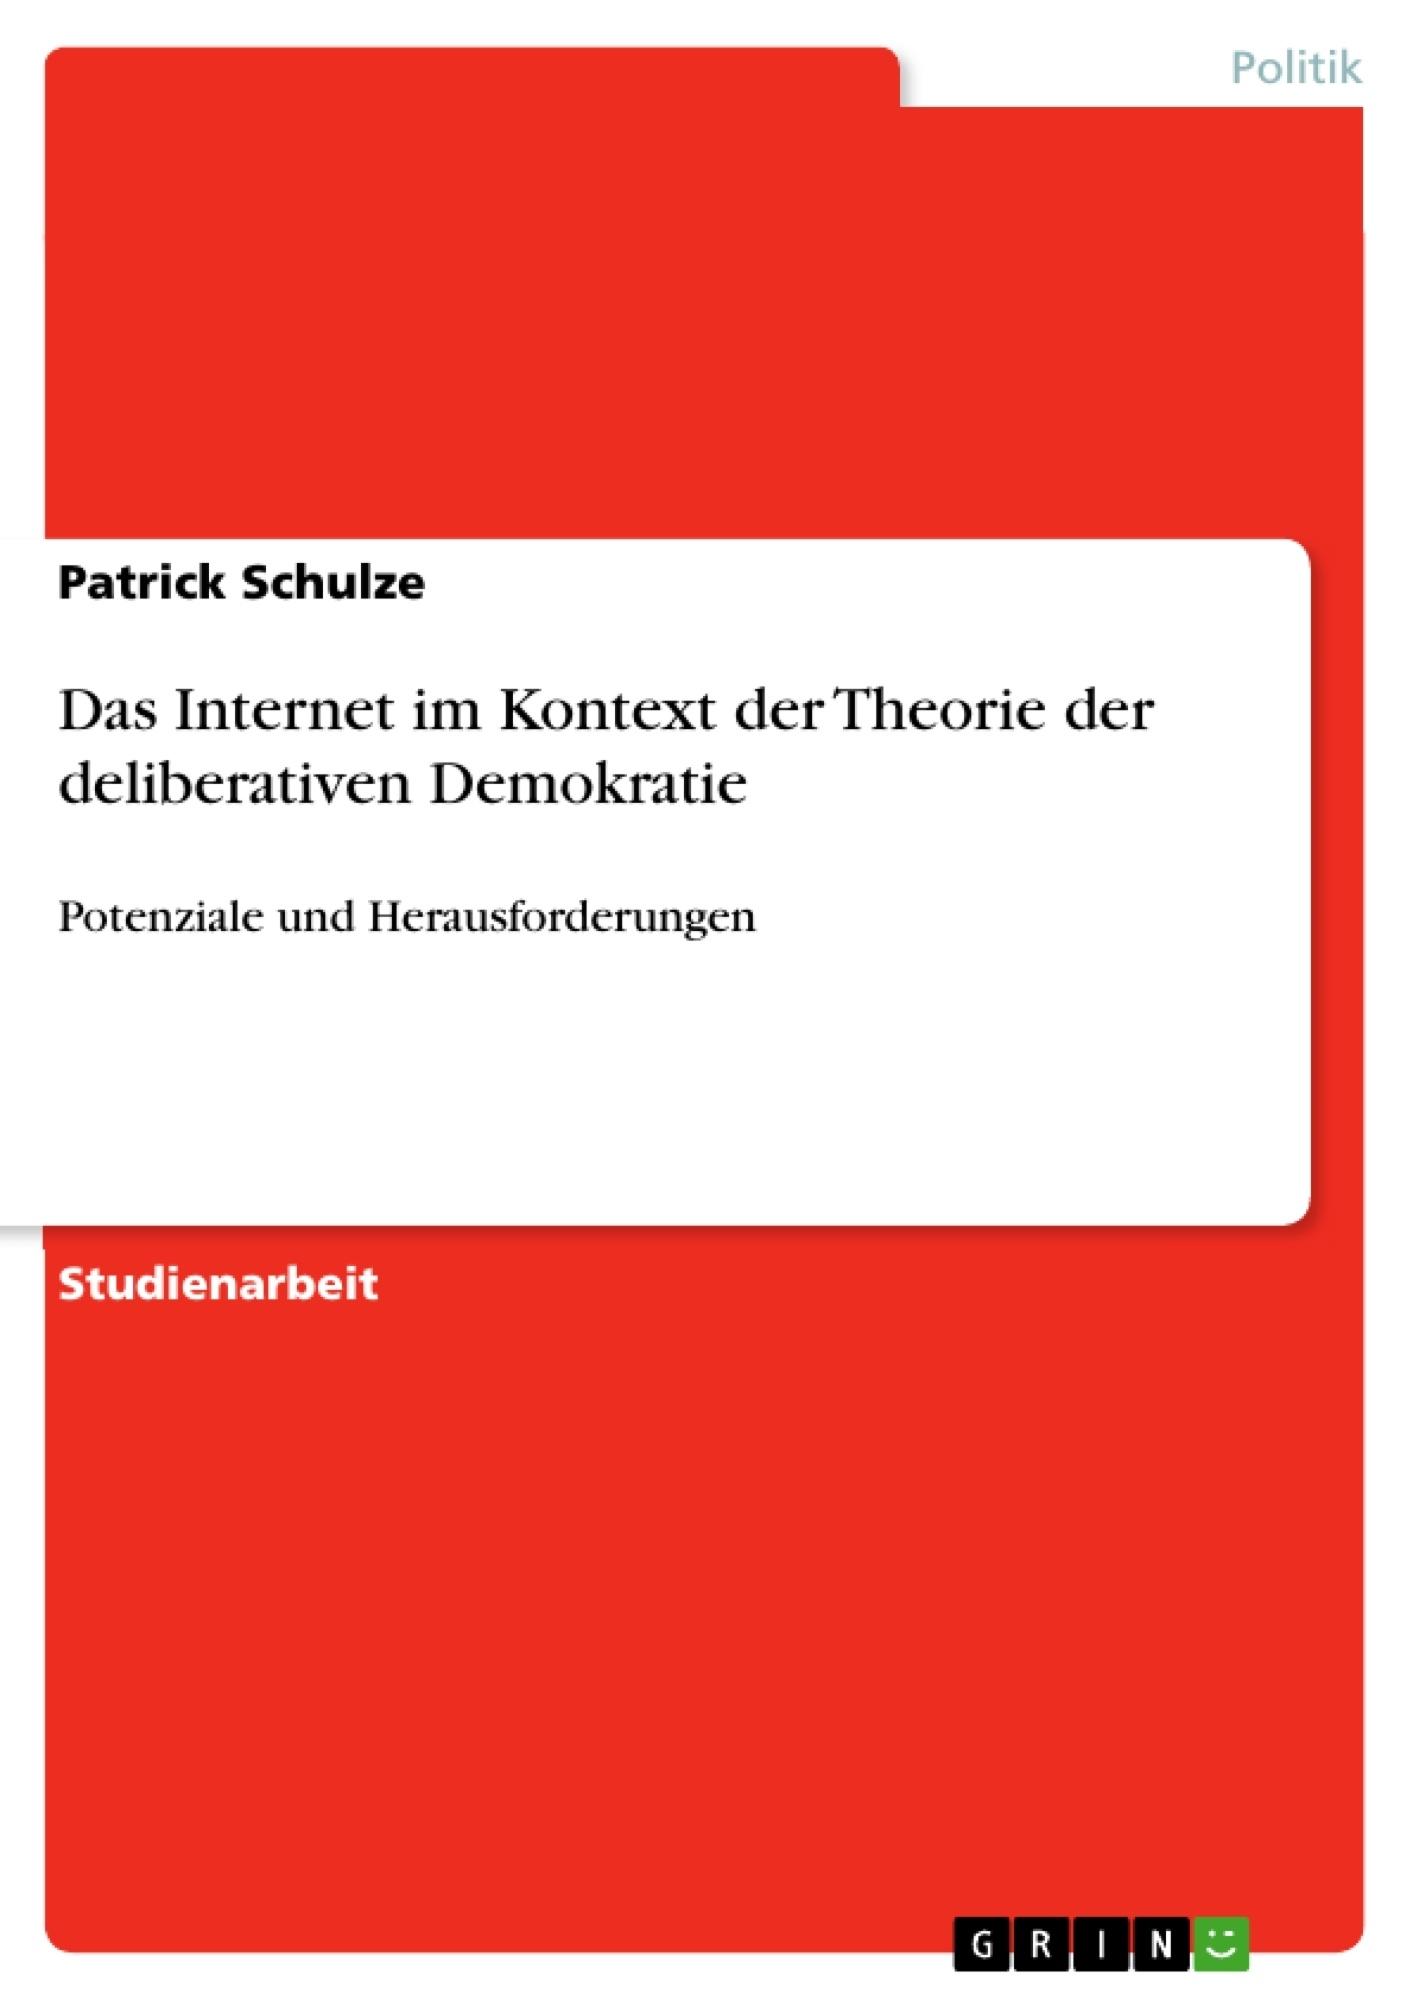 Titel: Das Internet im Kontext der Theorie der deliberativen Demokratie